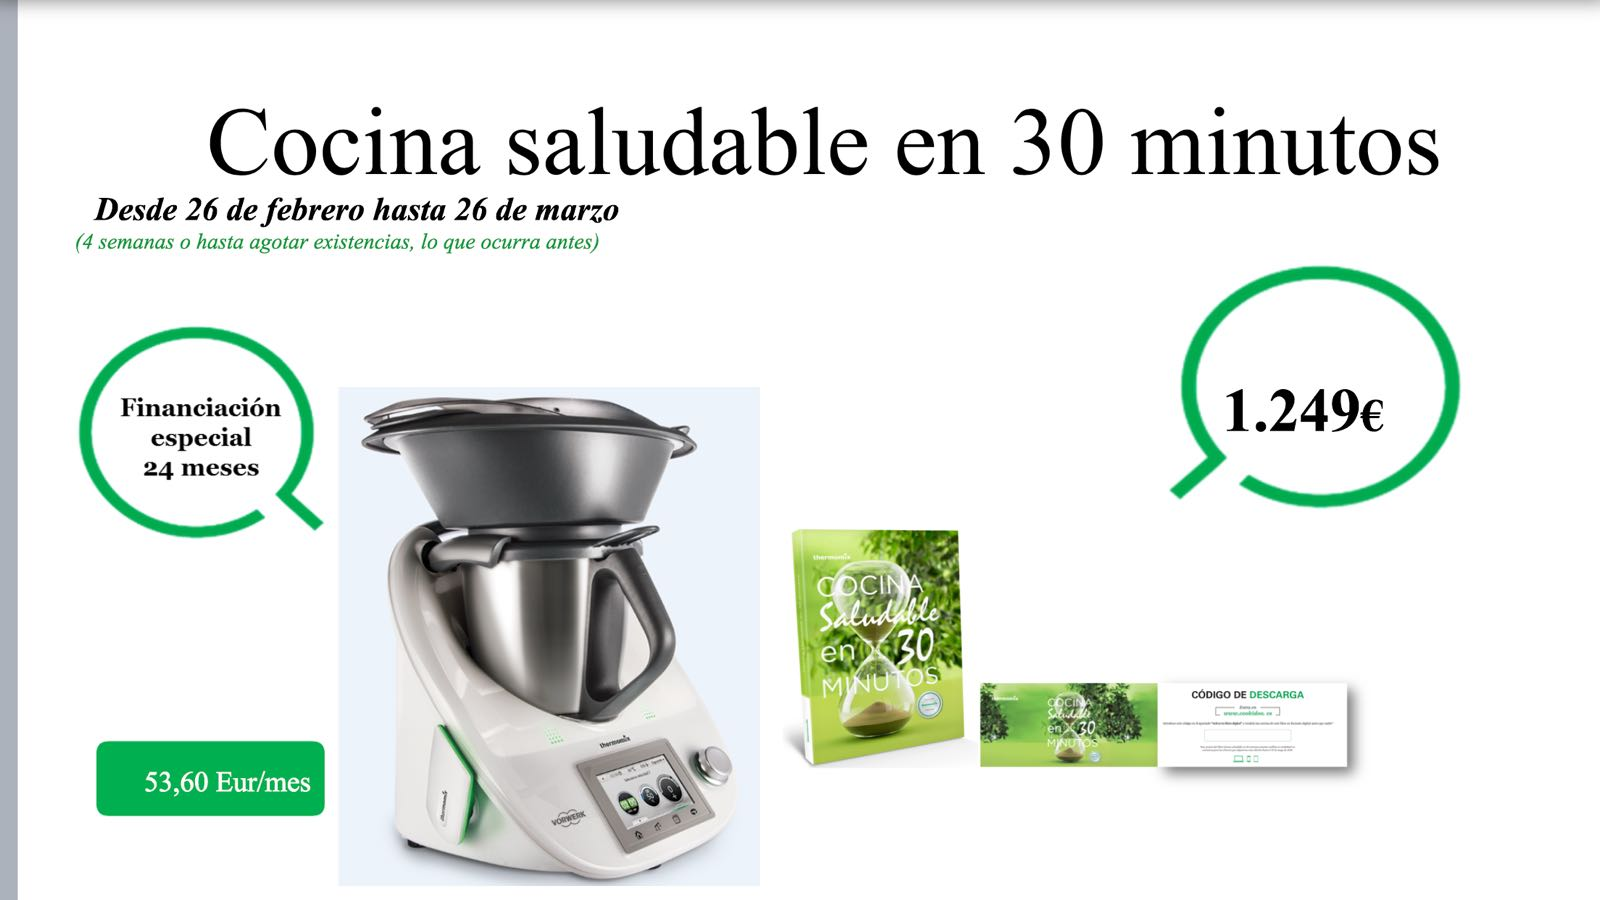 thermomix cocina saludable en 30 minutos noticias